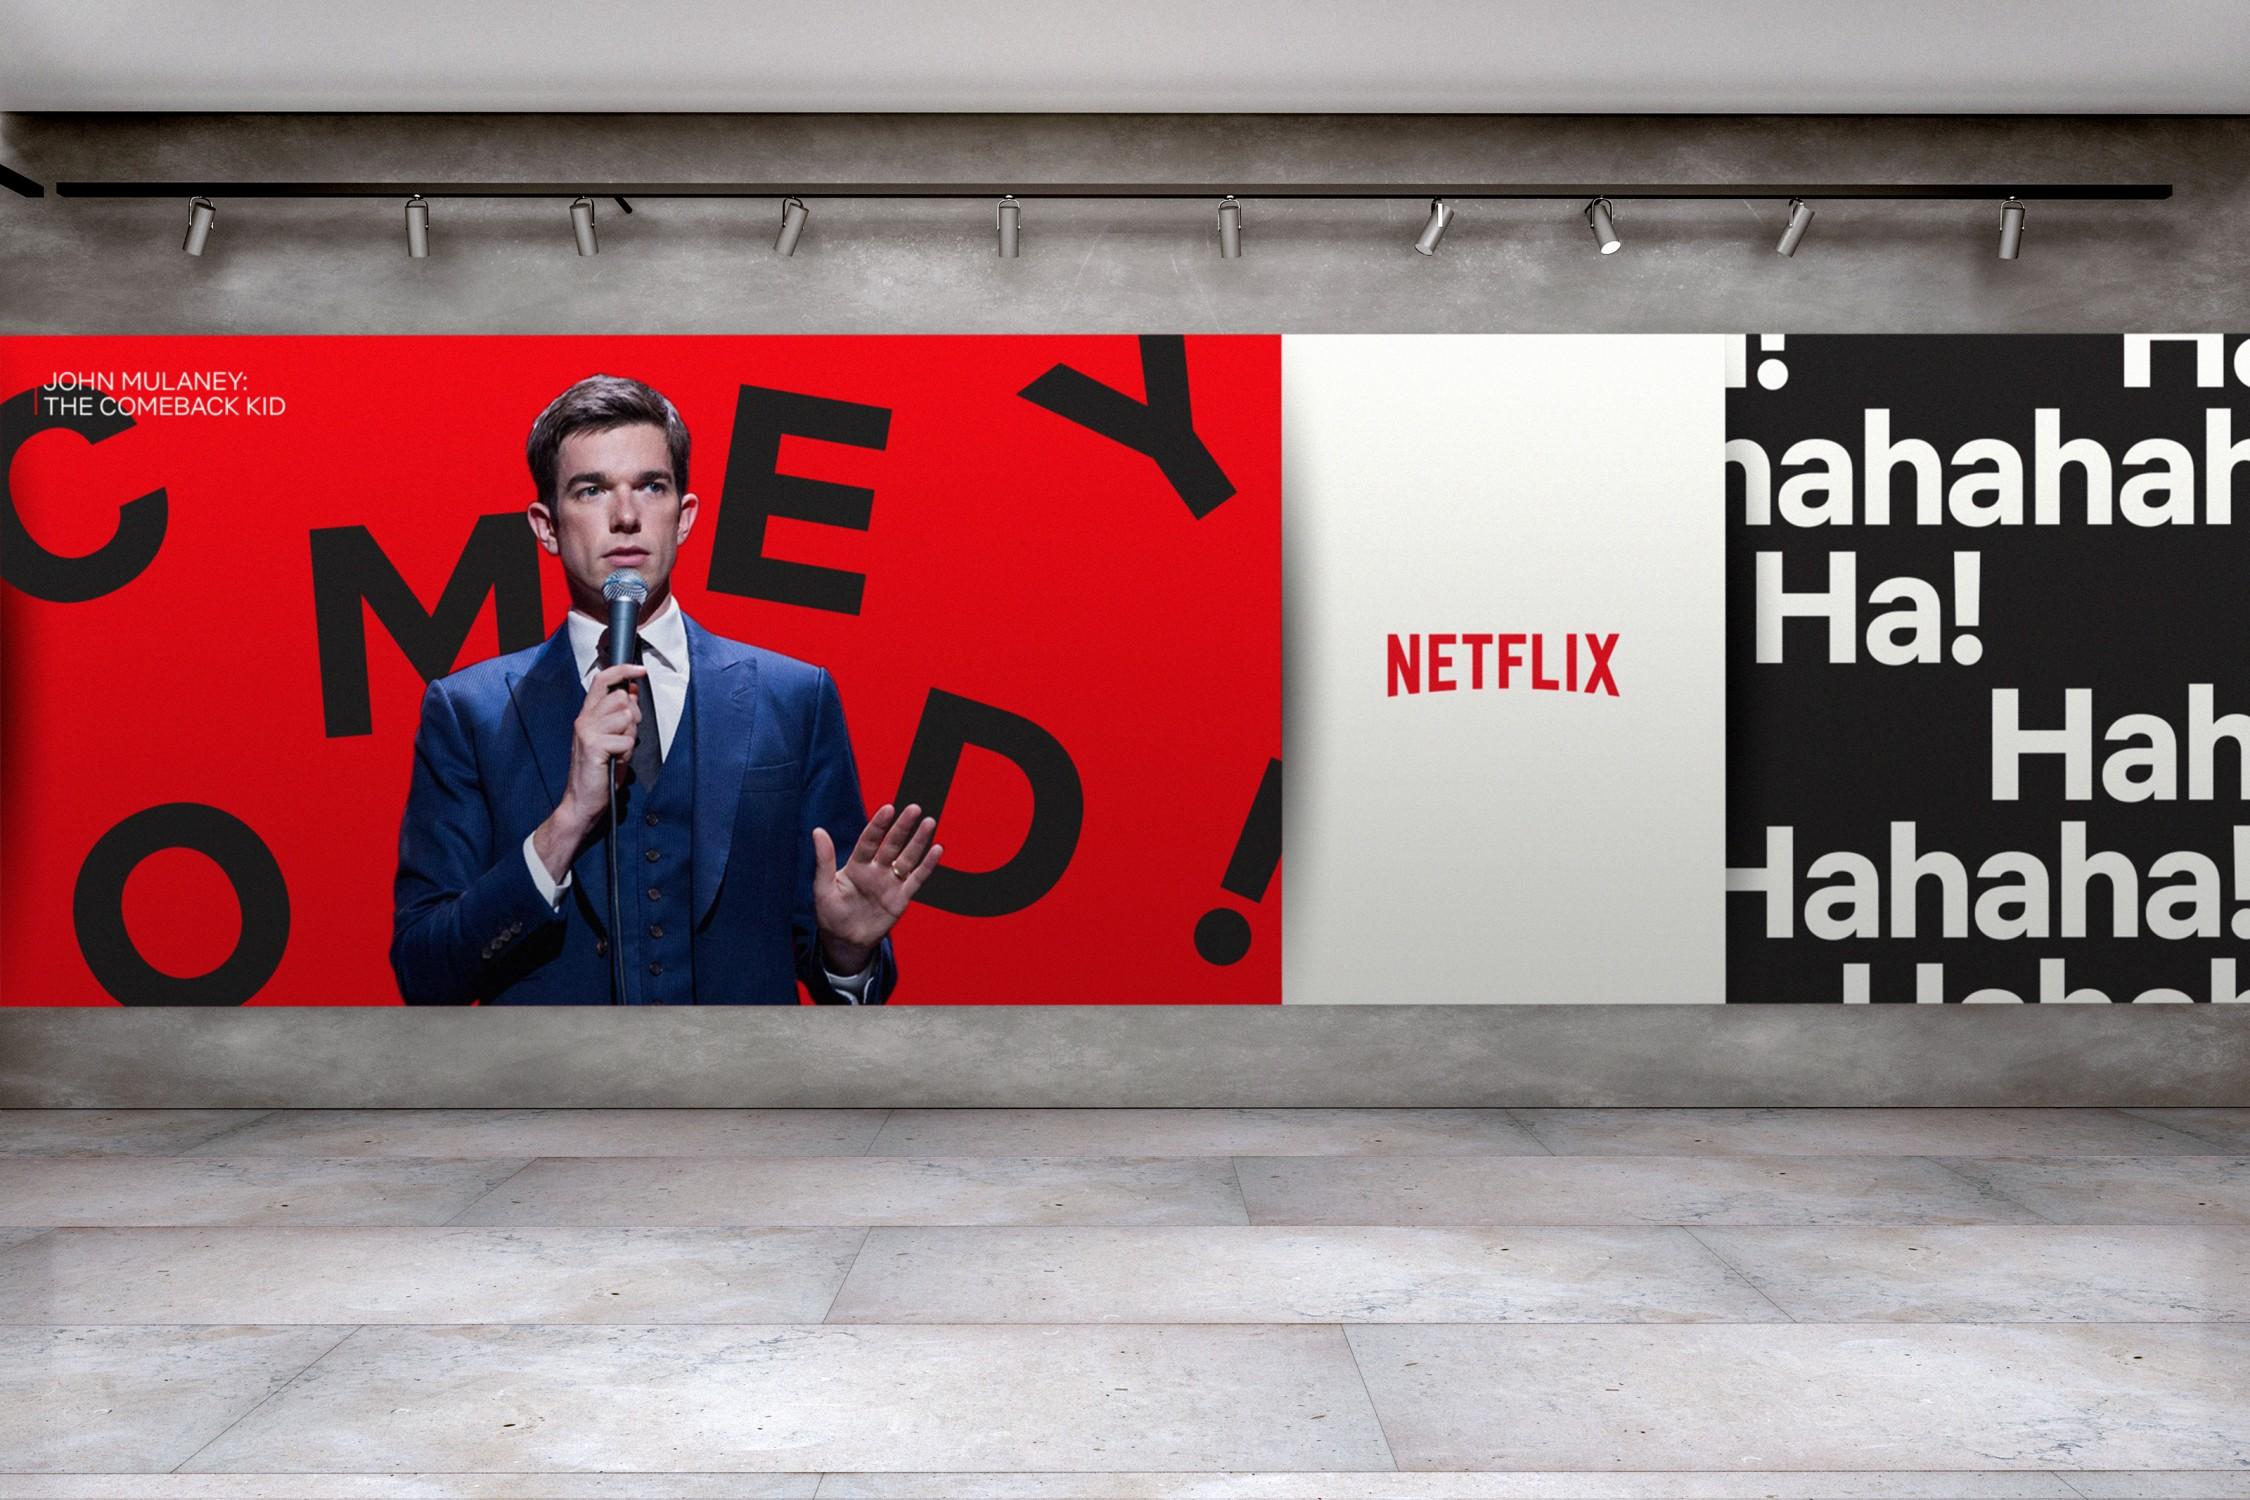 Netflix_EventWall.jpg